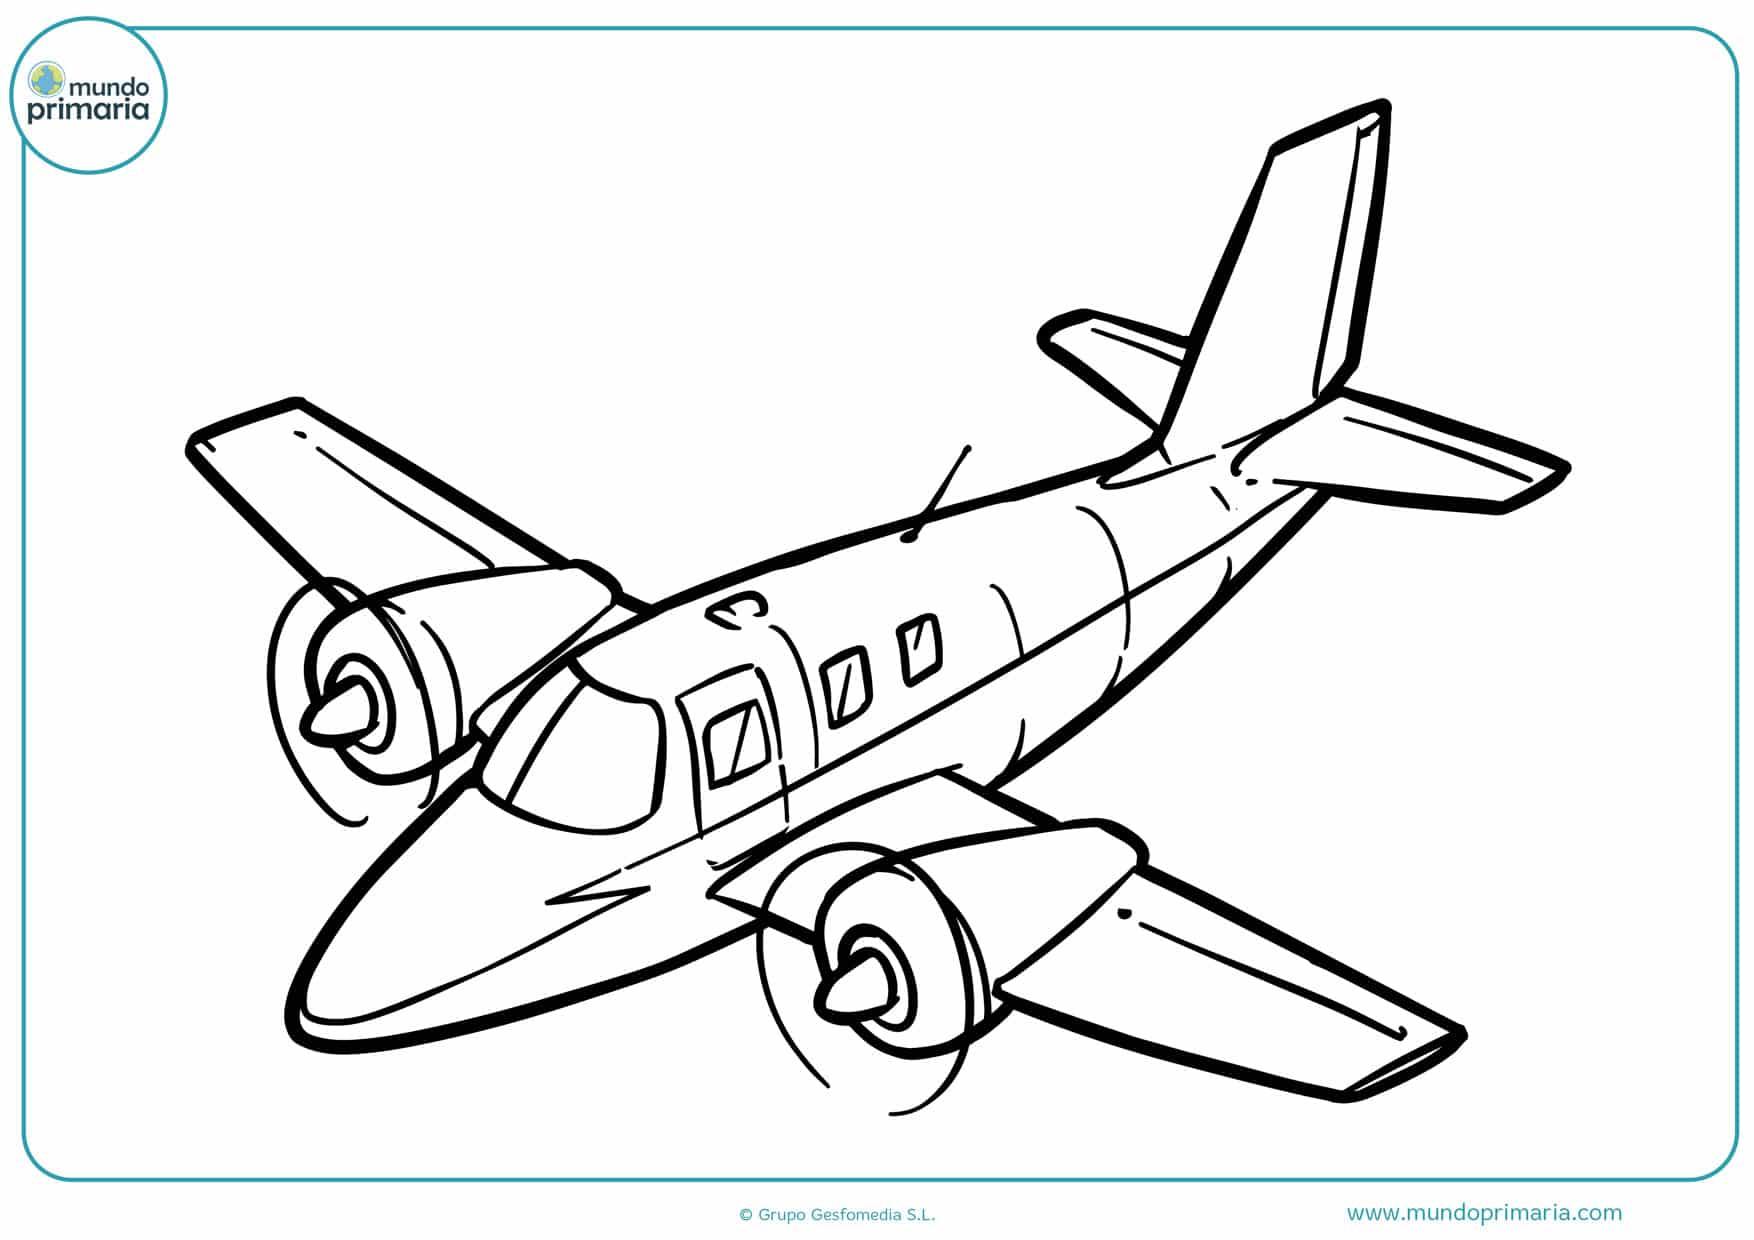 dibujos para colorear e imprimir de aviones